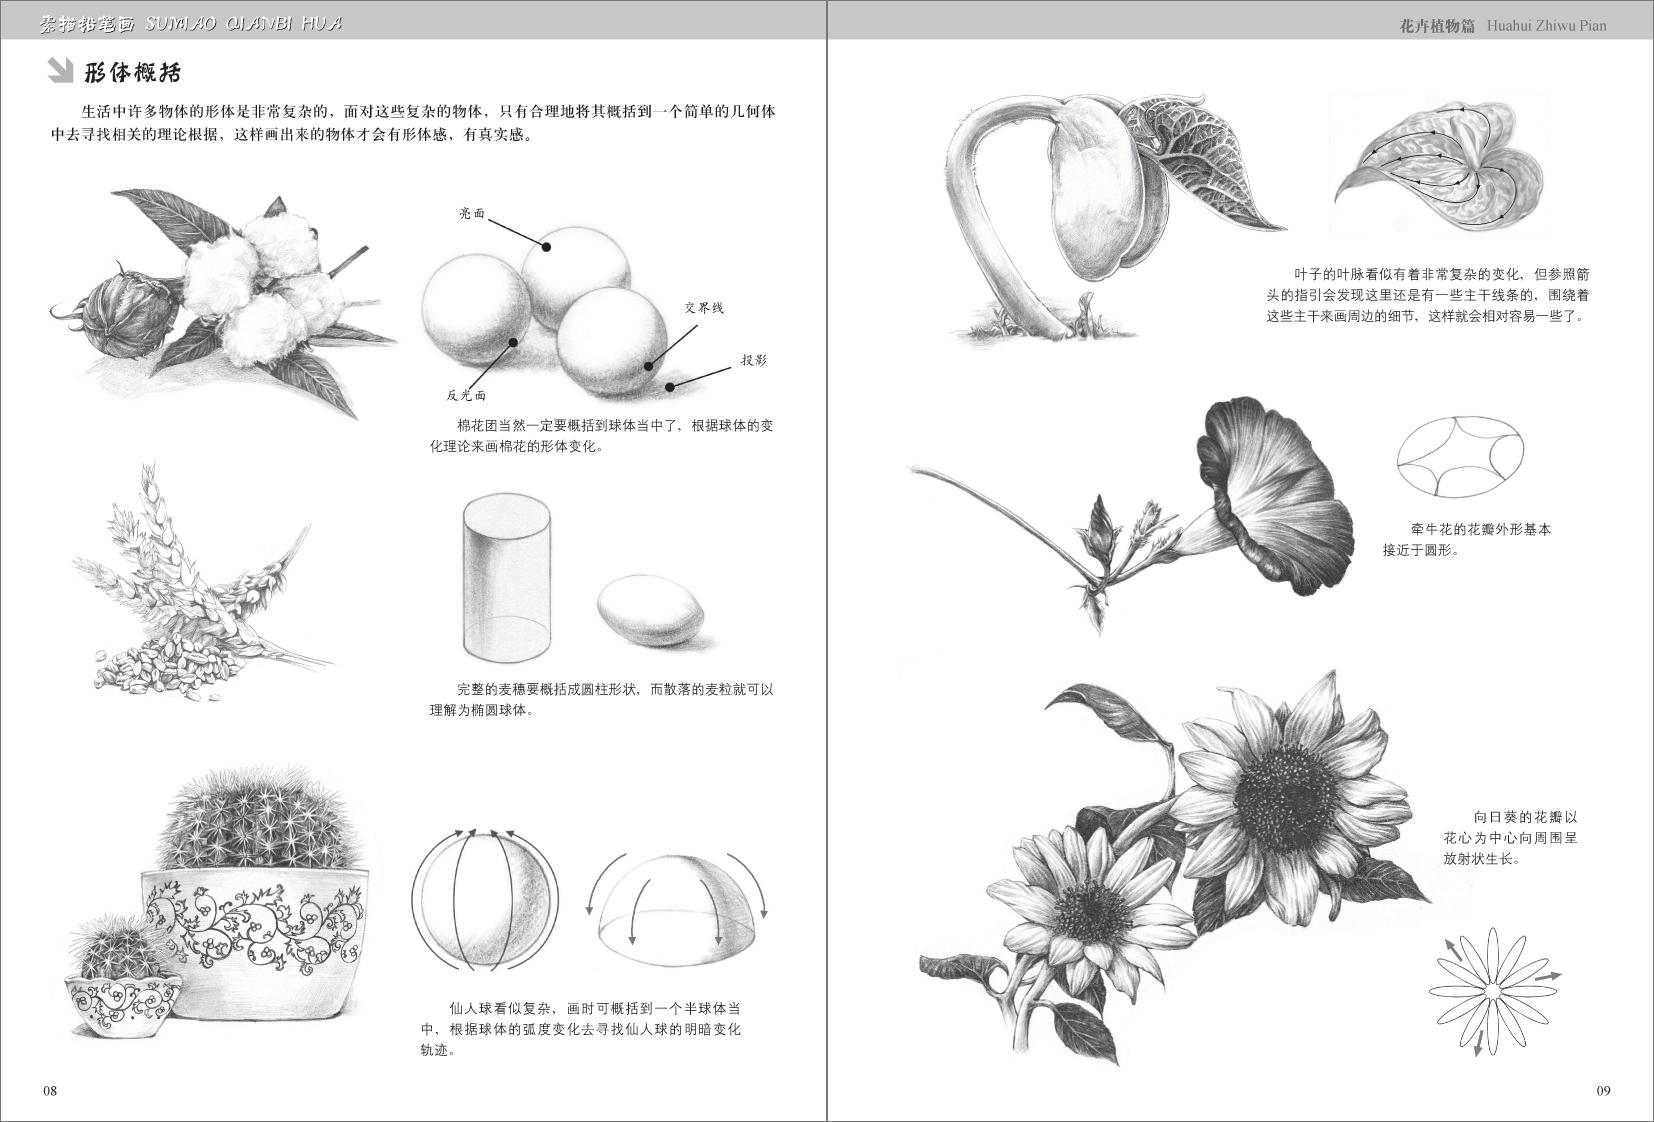 素描铅笔画61 花卉植物篇-百道网